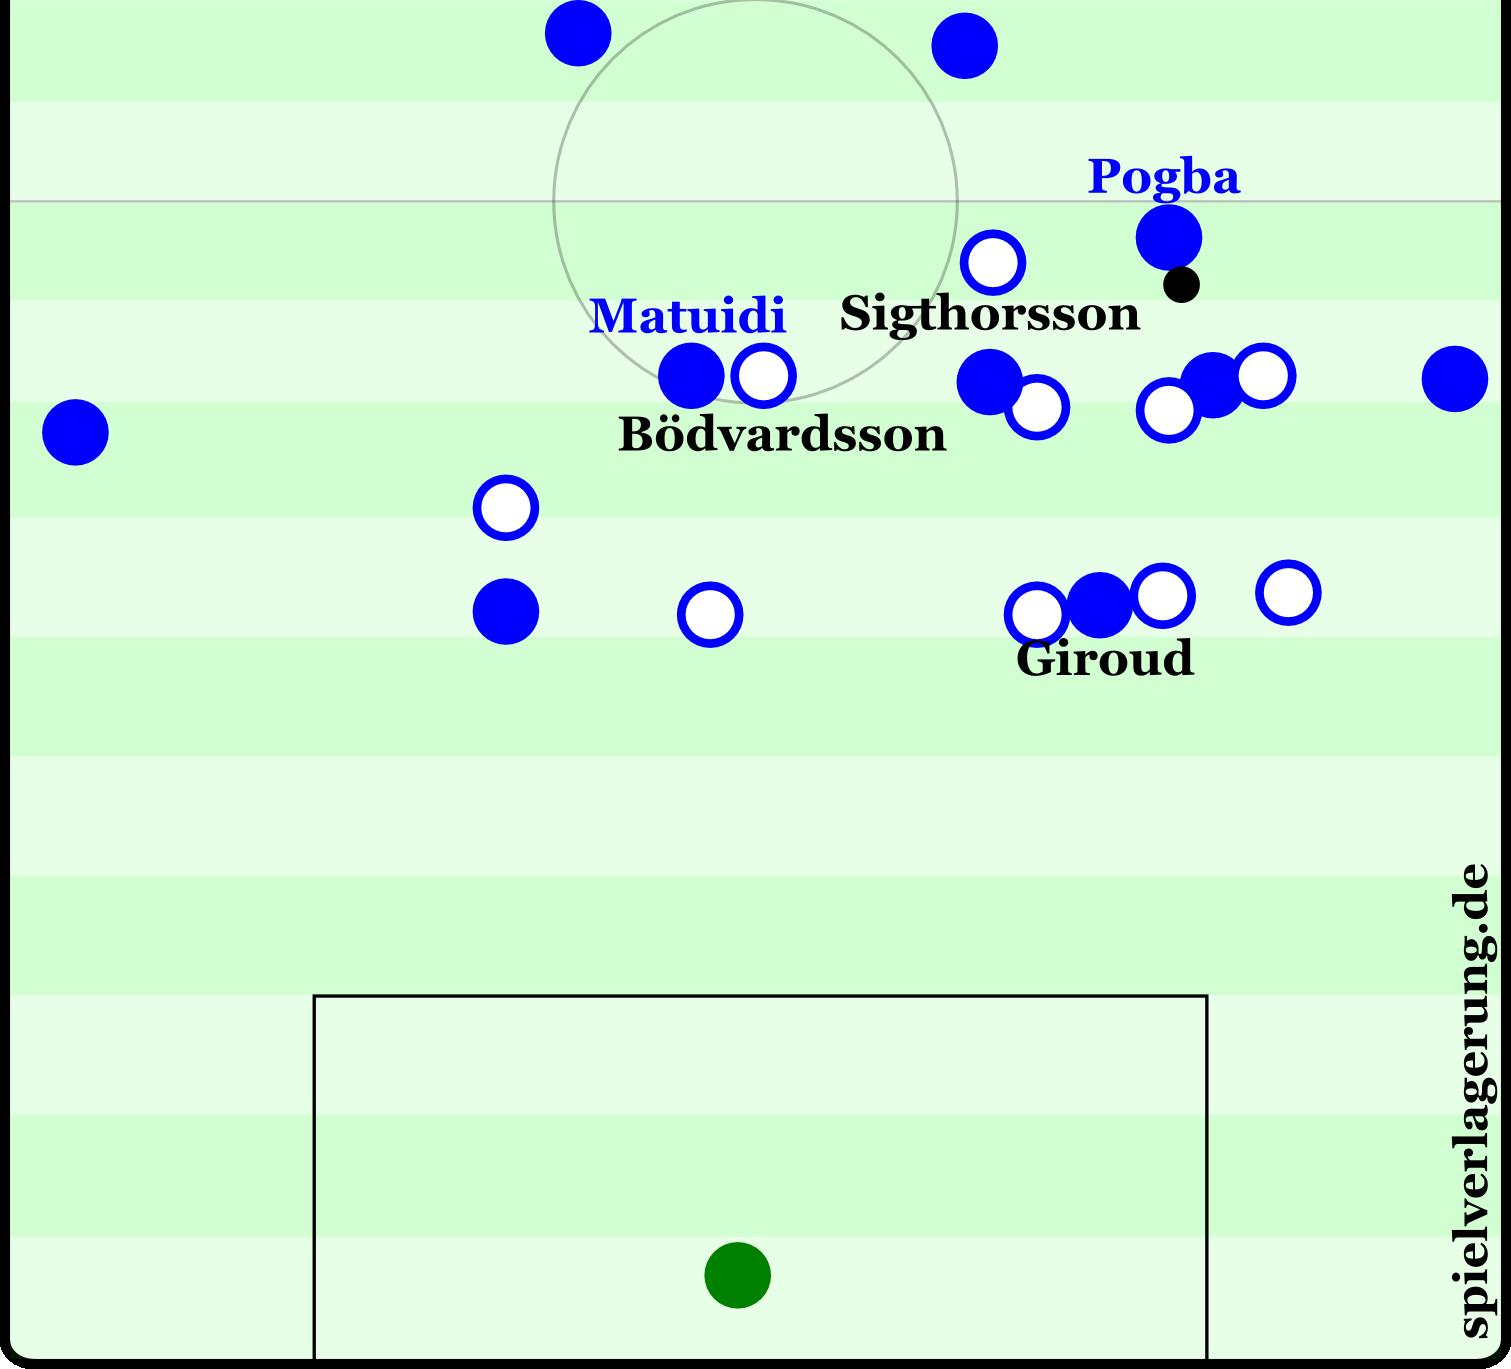 Eine unfassbar hohe Kompaktheit der Isländer: Das gesamte Team verteidigt in einem schmalen Korridor. Das nützt aber wenig, wenn Pogba in dieser Szene alle Zeit der Welt und einen offenen Passkorridor auf Giroud hat. Die Szene führt zum 1:0 durch Frankreich.